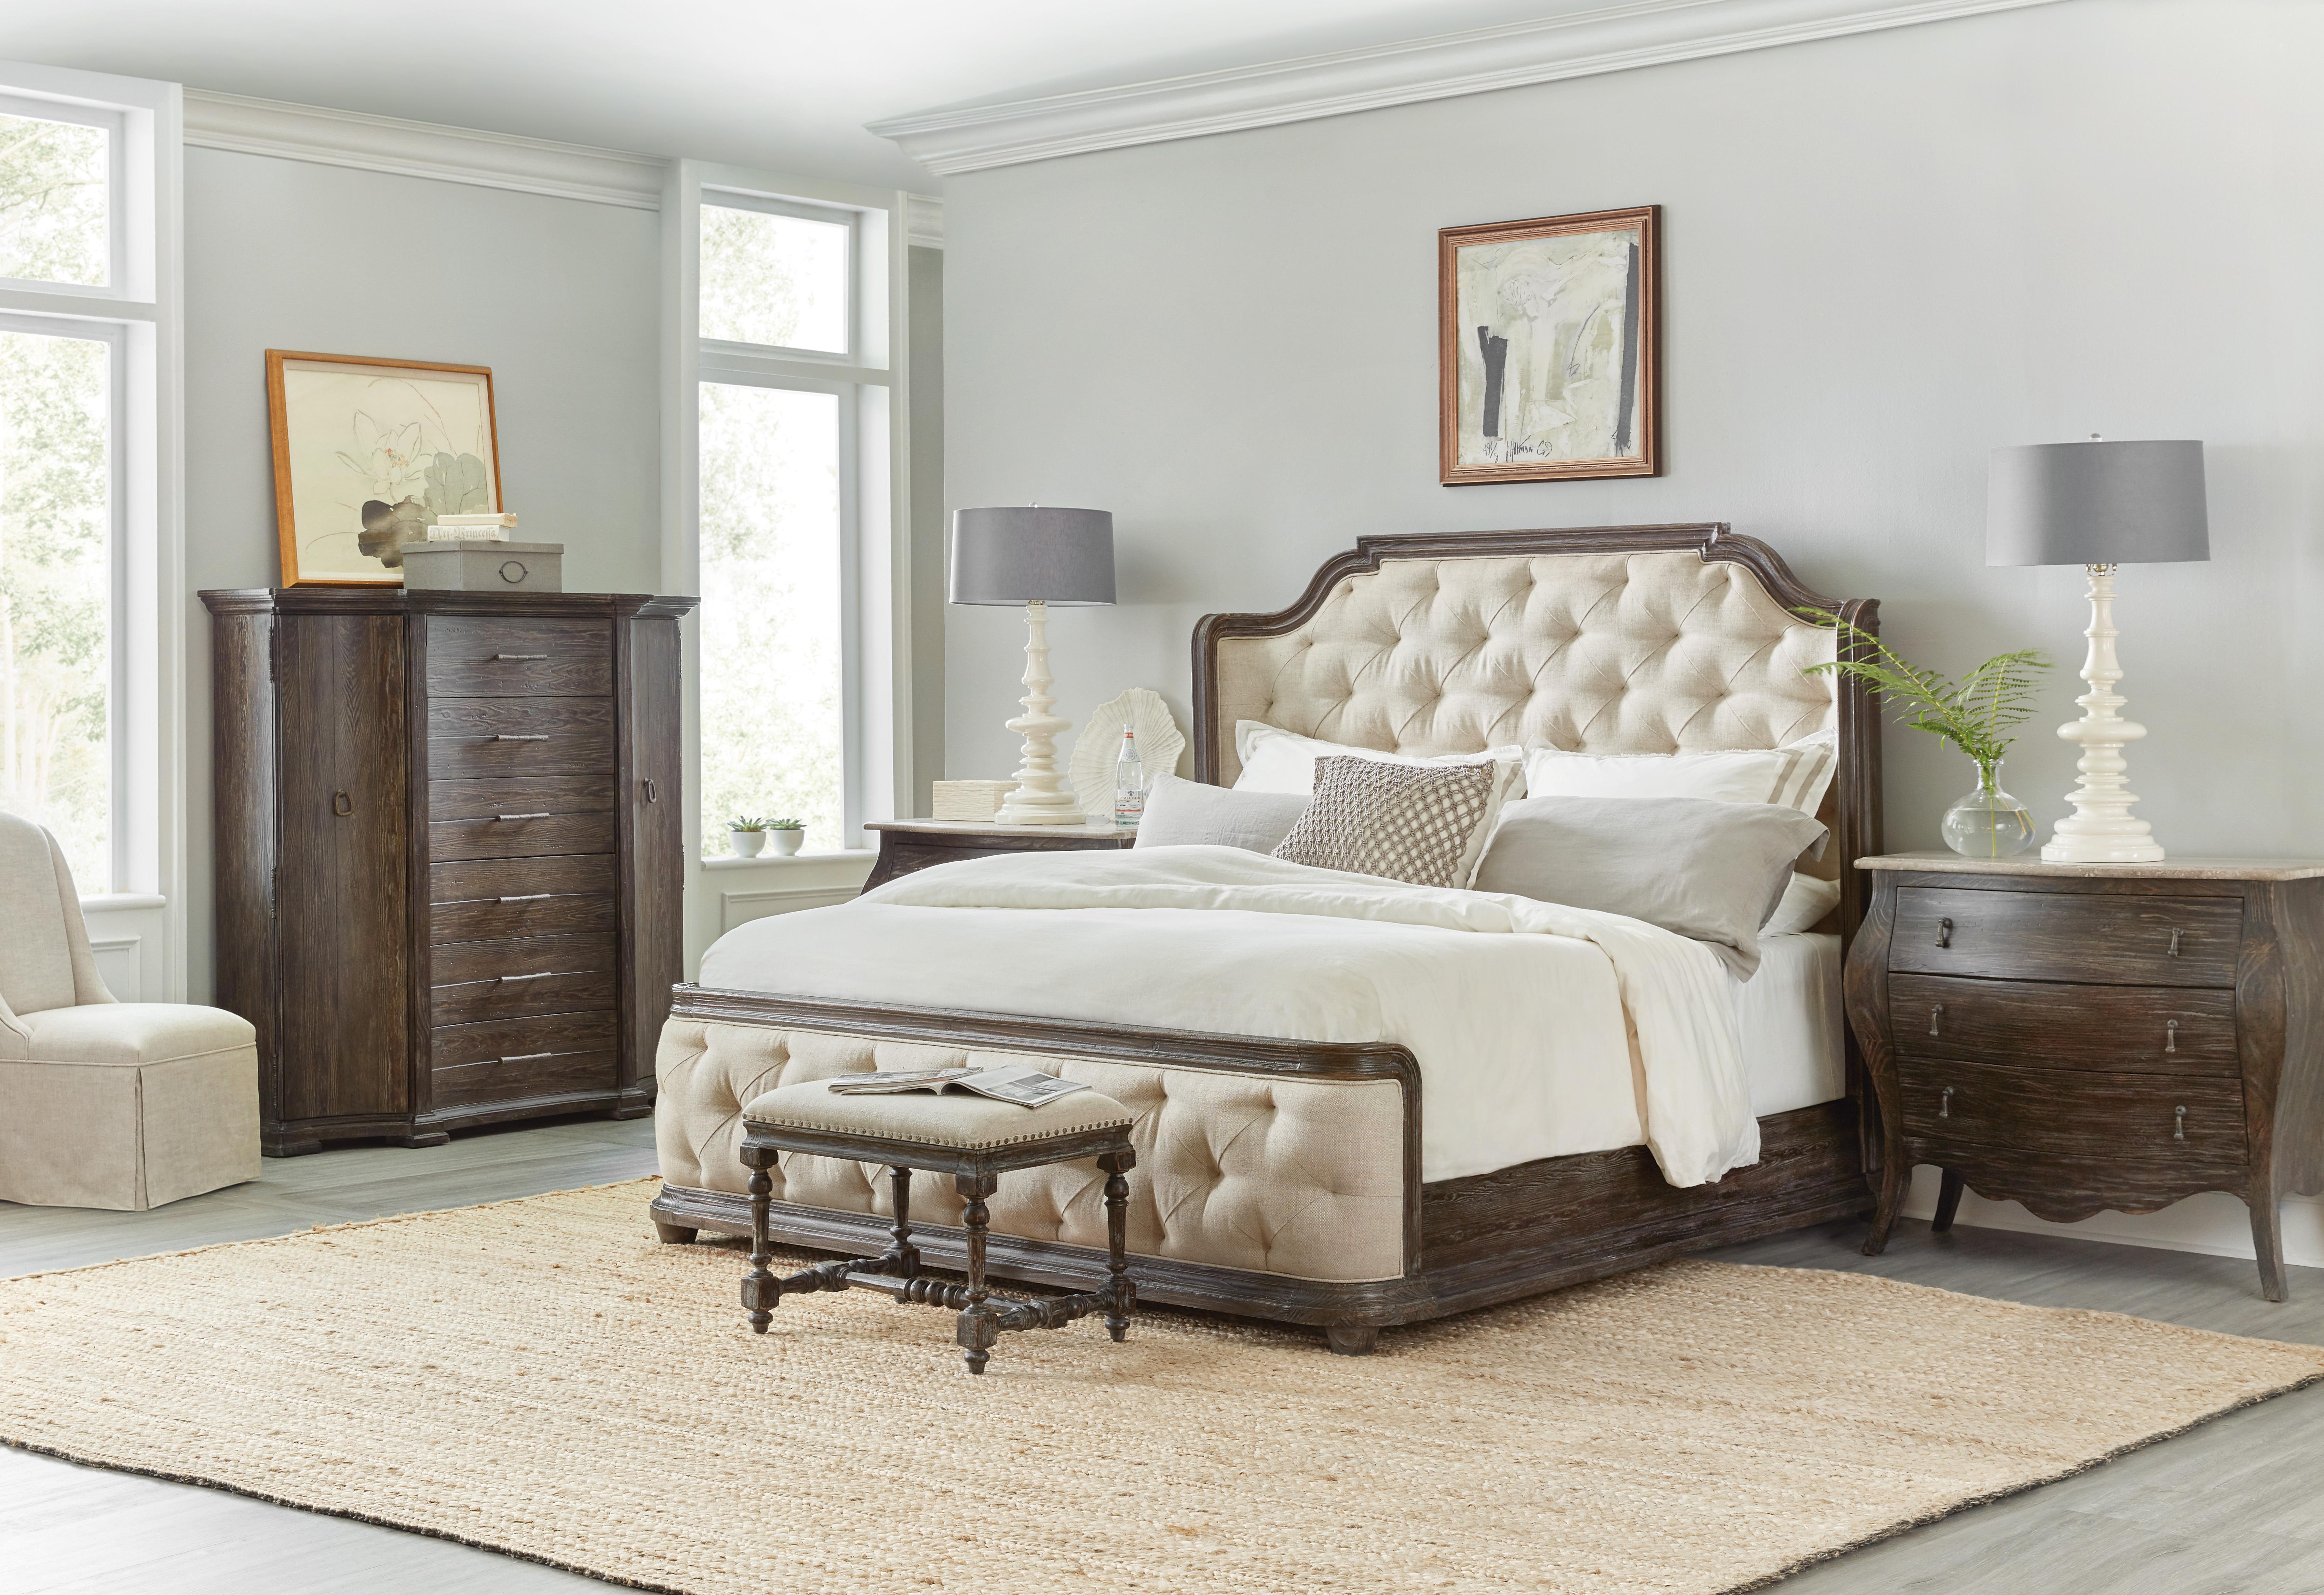 Cali King Bedroom Set